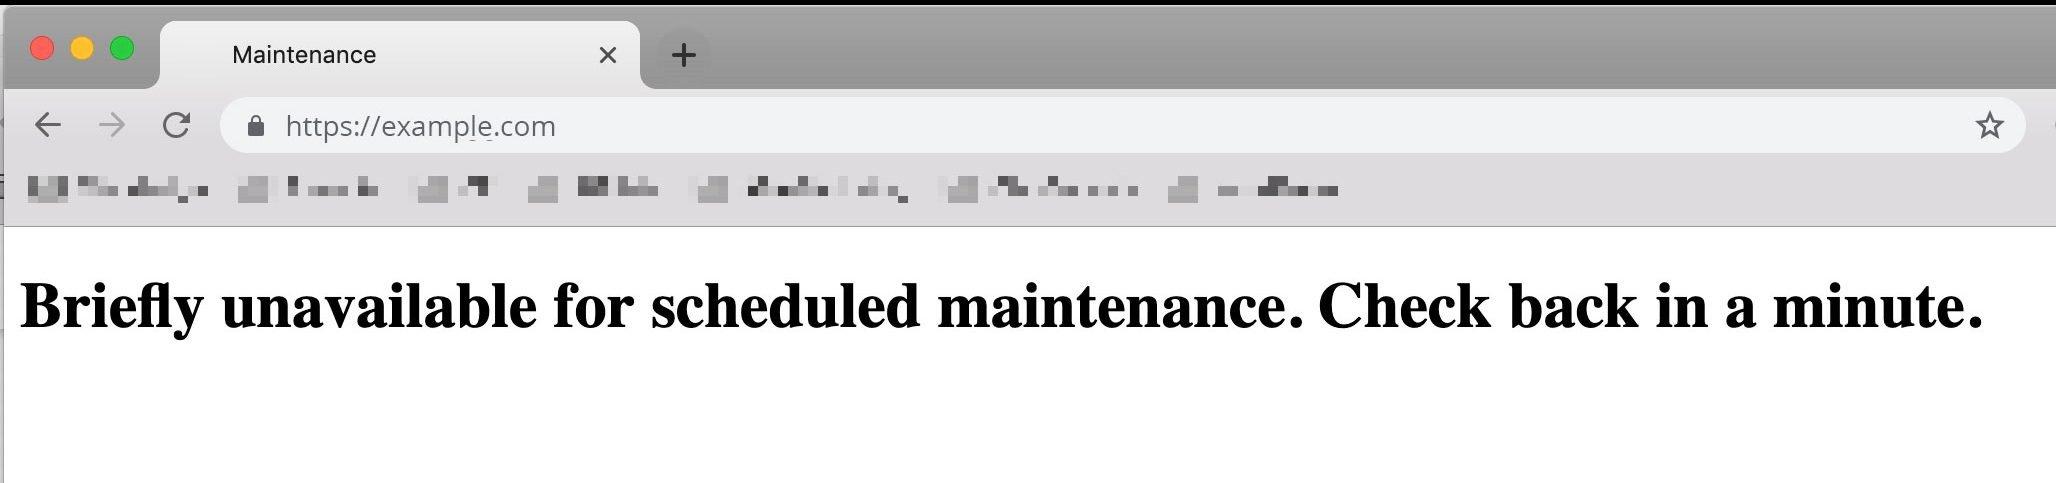 WordPress Maintenance Mode Stuck